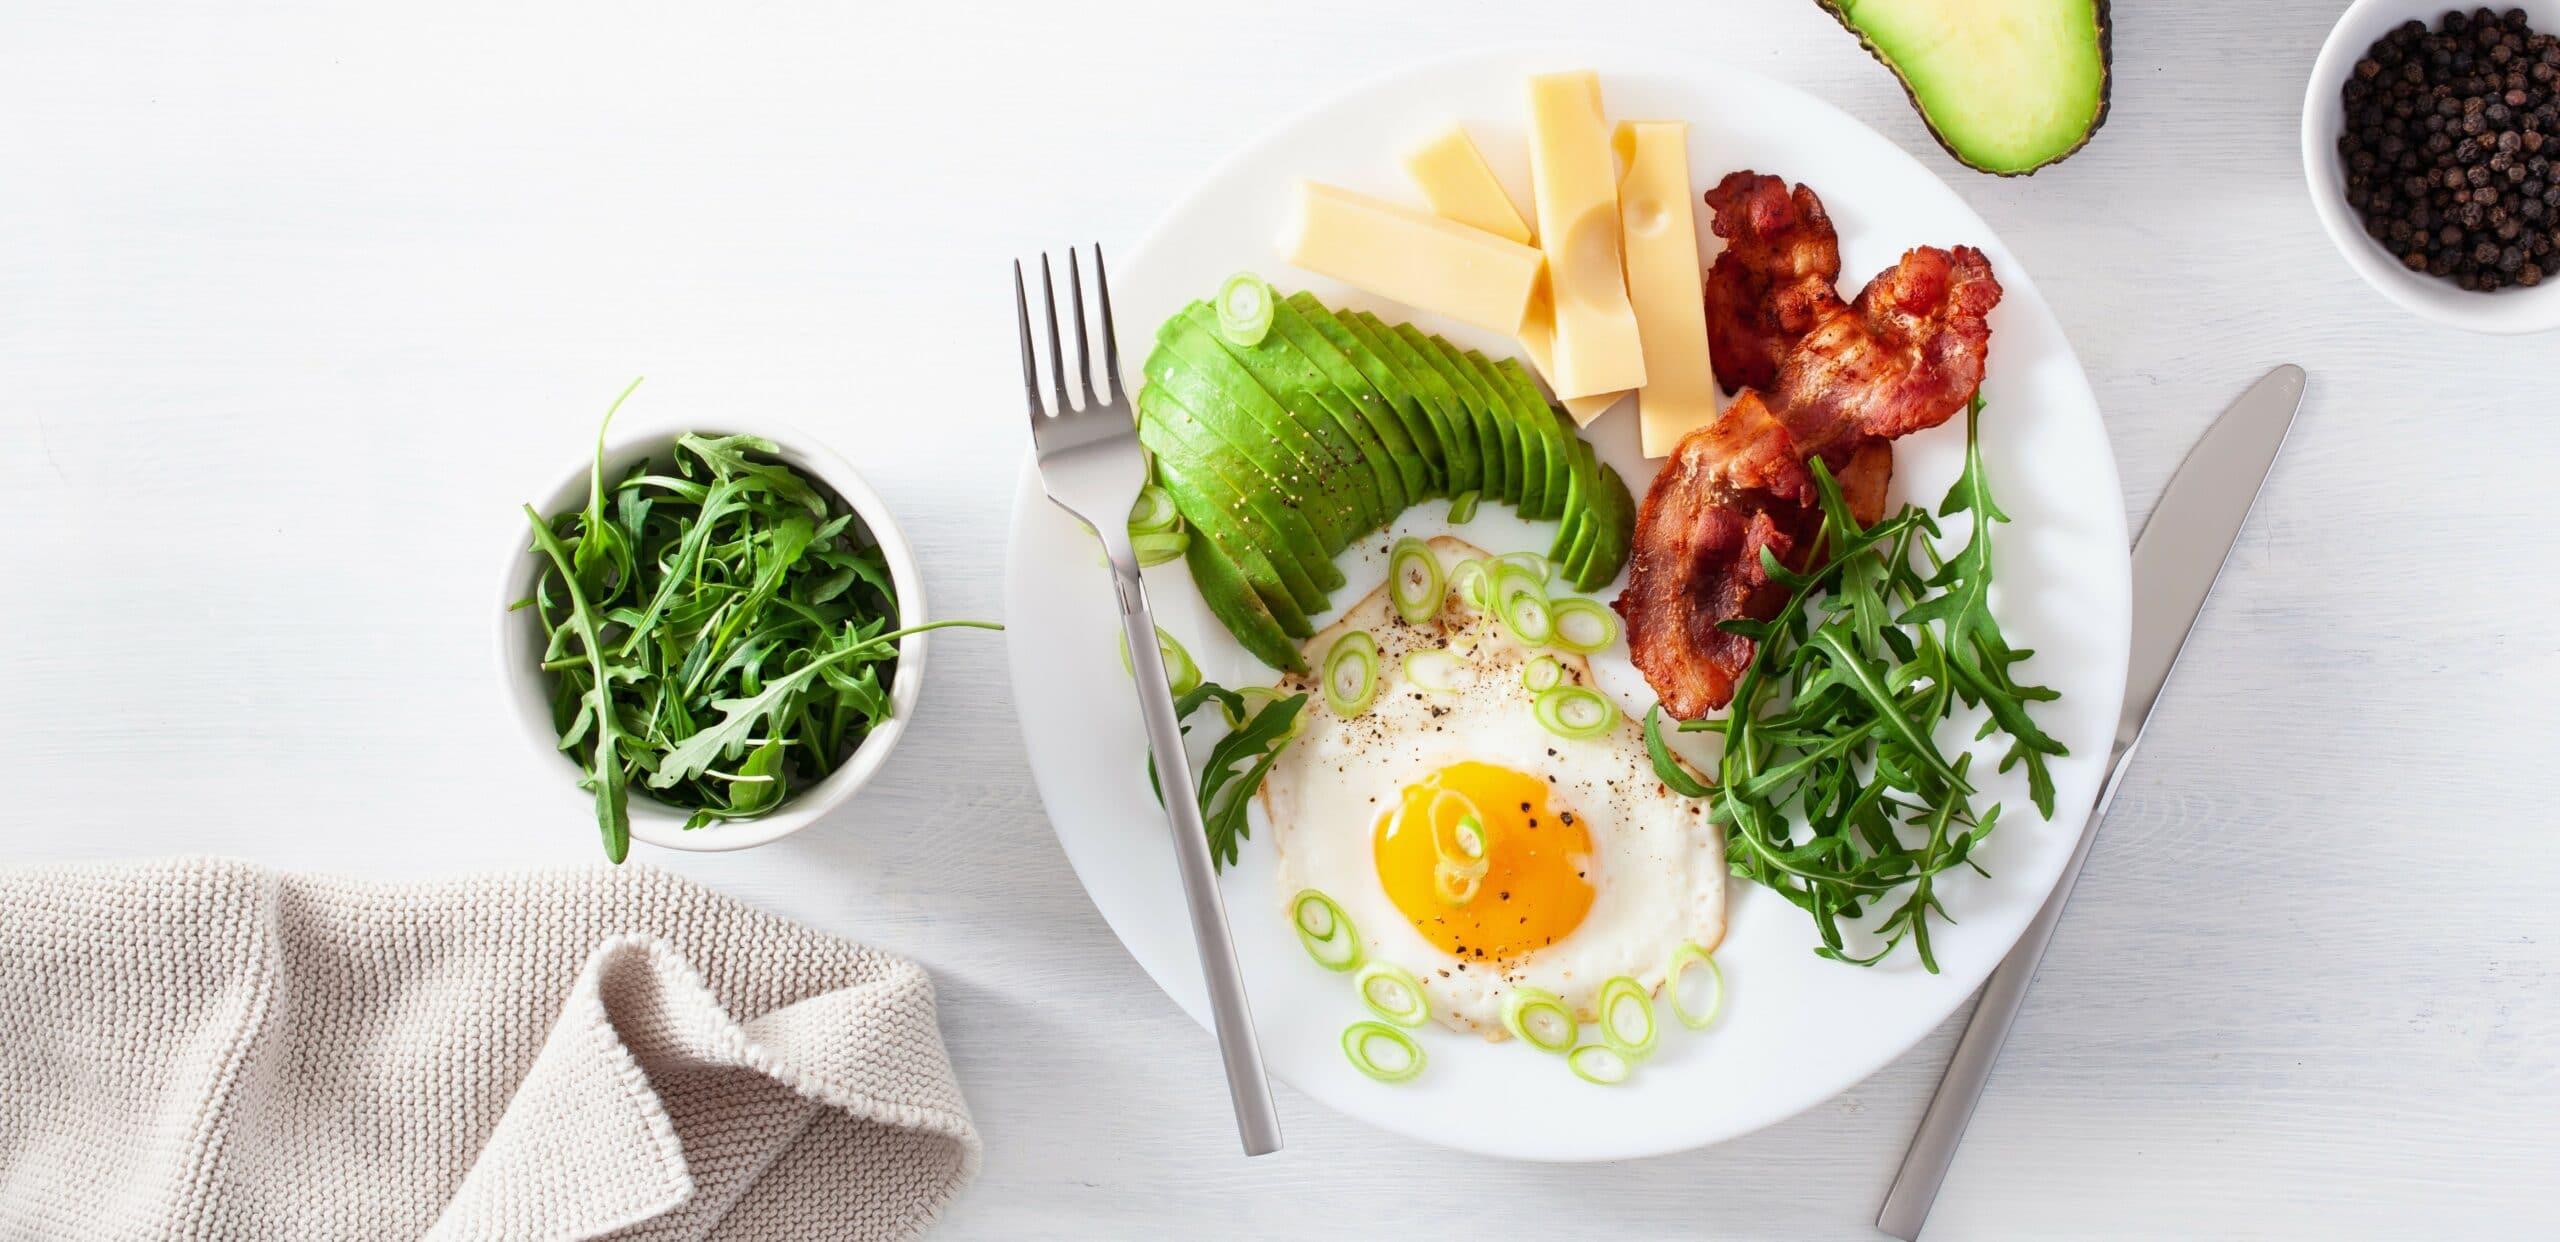 uova benefici e controindicazioni nella dieta